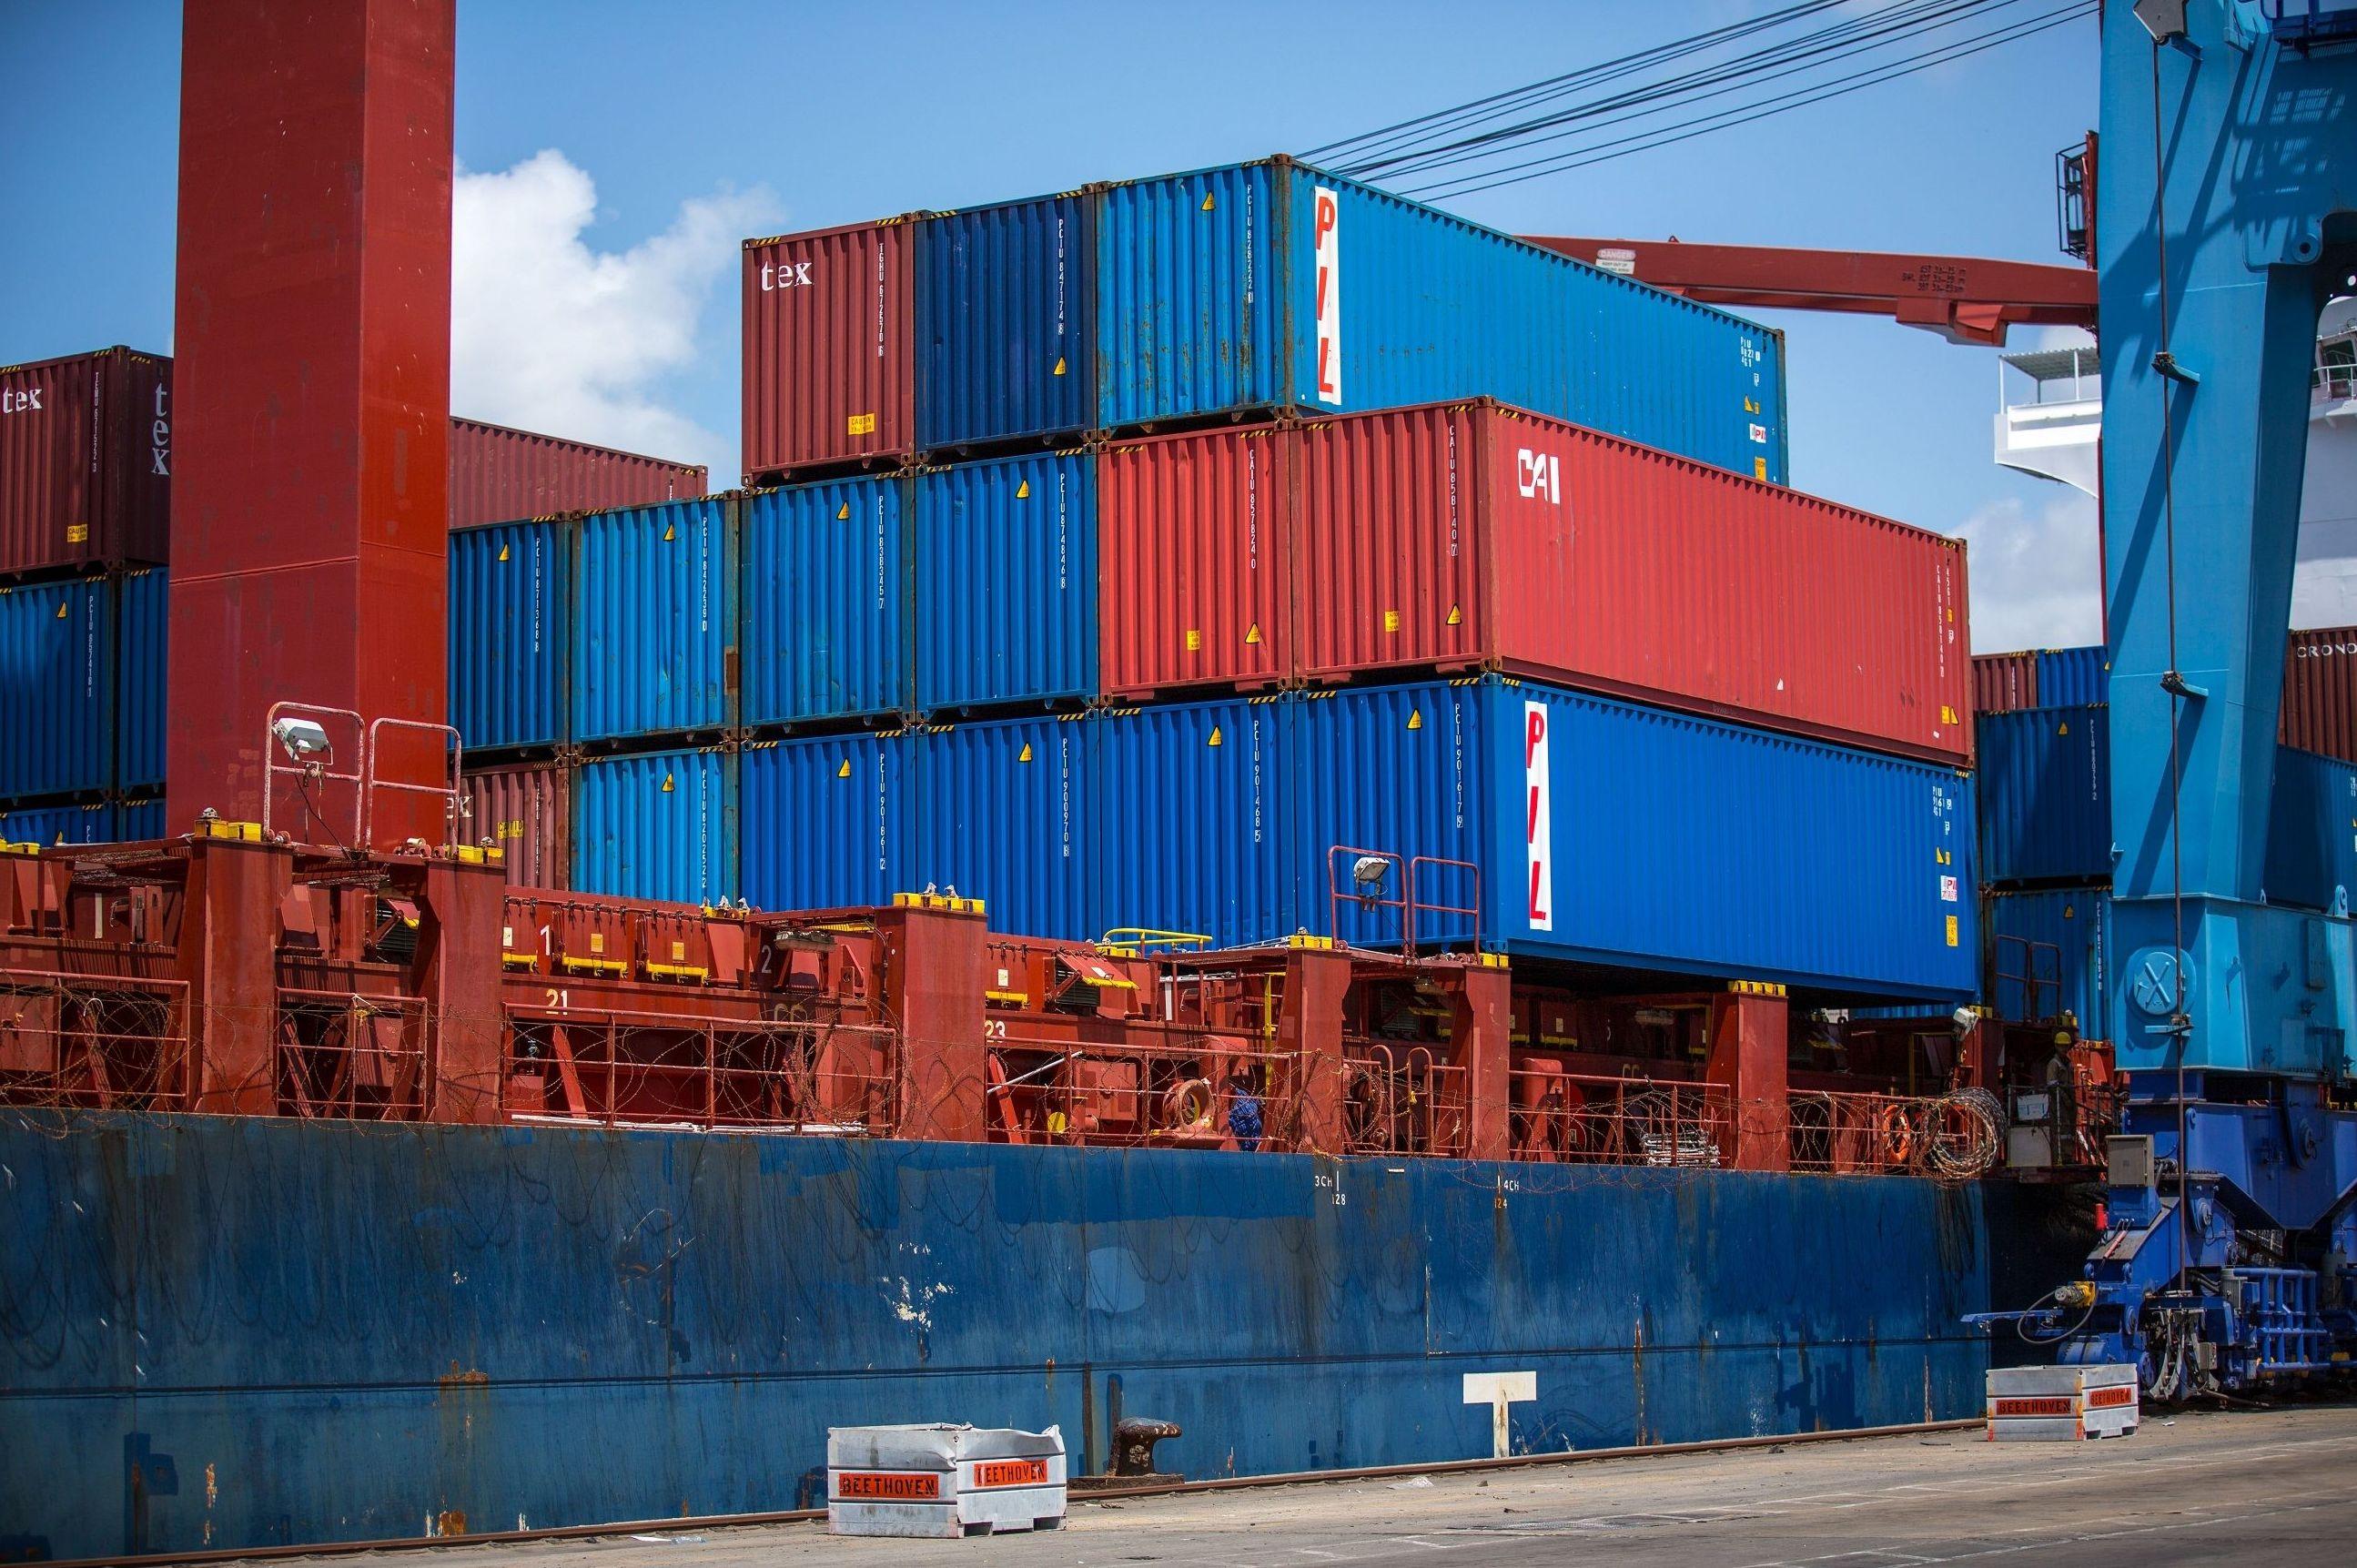 ALFA - Gestión de Agentes de Línea: Productos y servicios de Optimize Logistic Solutions, S.L.